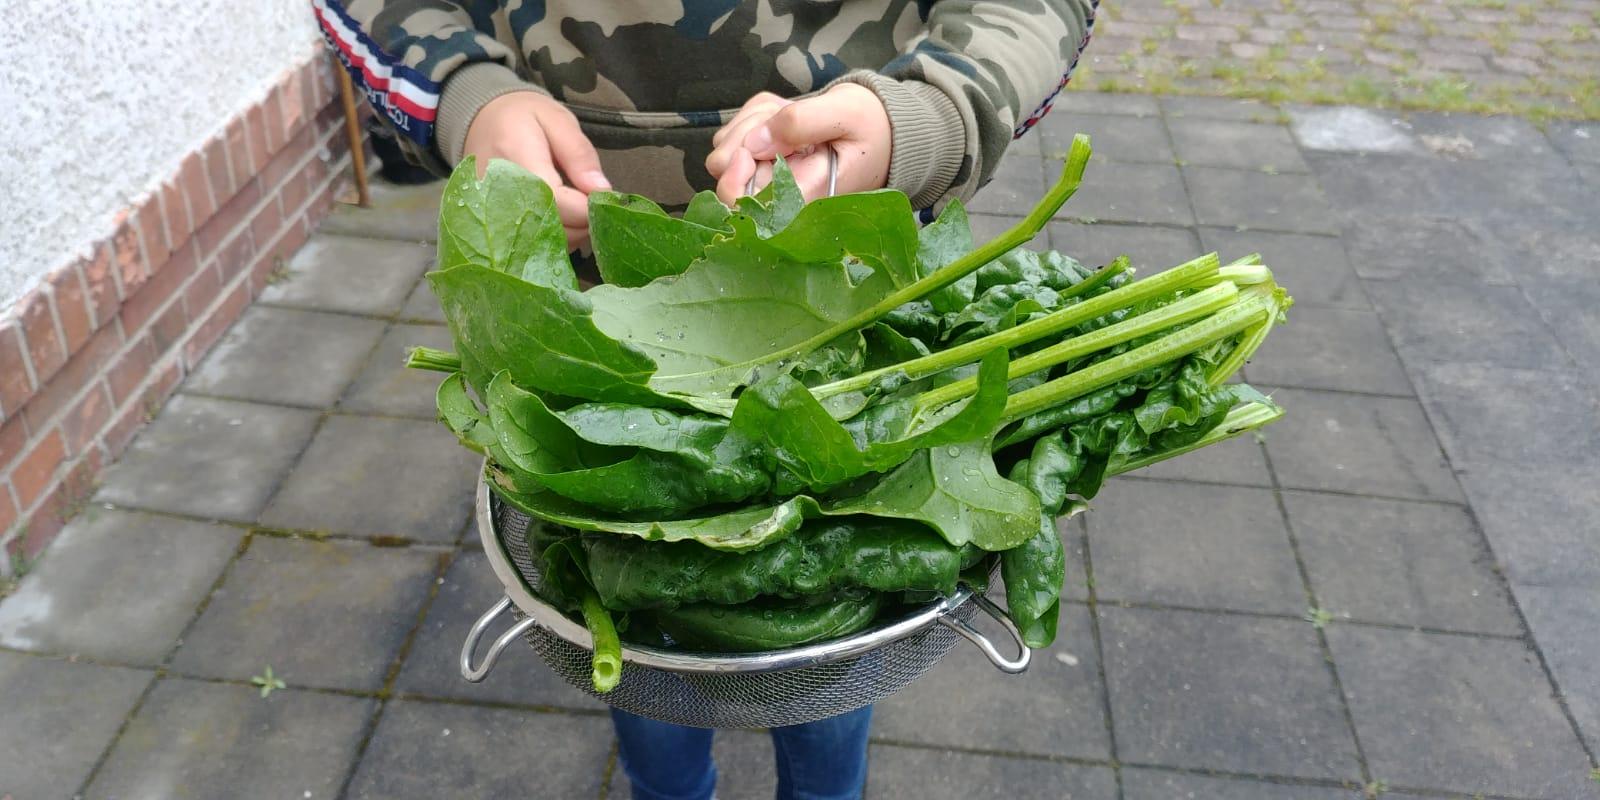 """Unsere erste Ernte...Spinat! Na ja, erst waren die Gartenzwerge und Küchengeister skeptisch, aber bei uns gilt die Regel """" wenigstens etwas probieren!""""."""